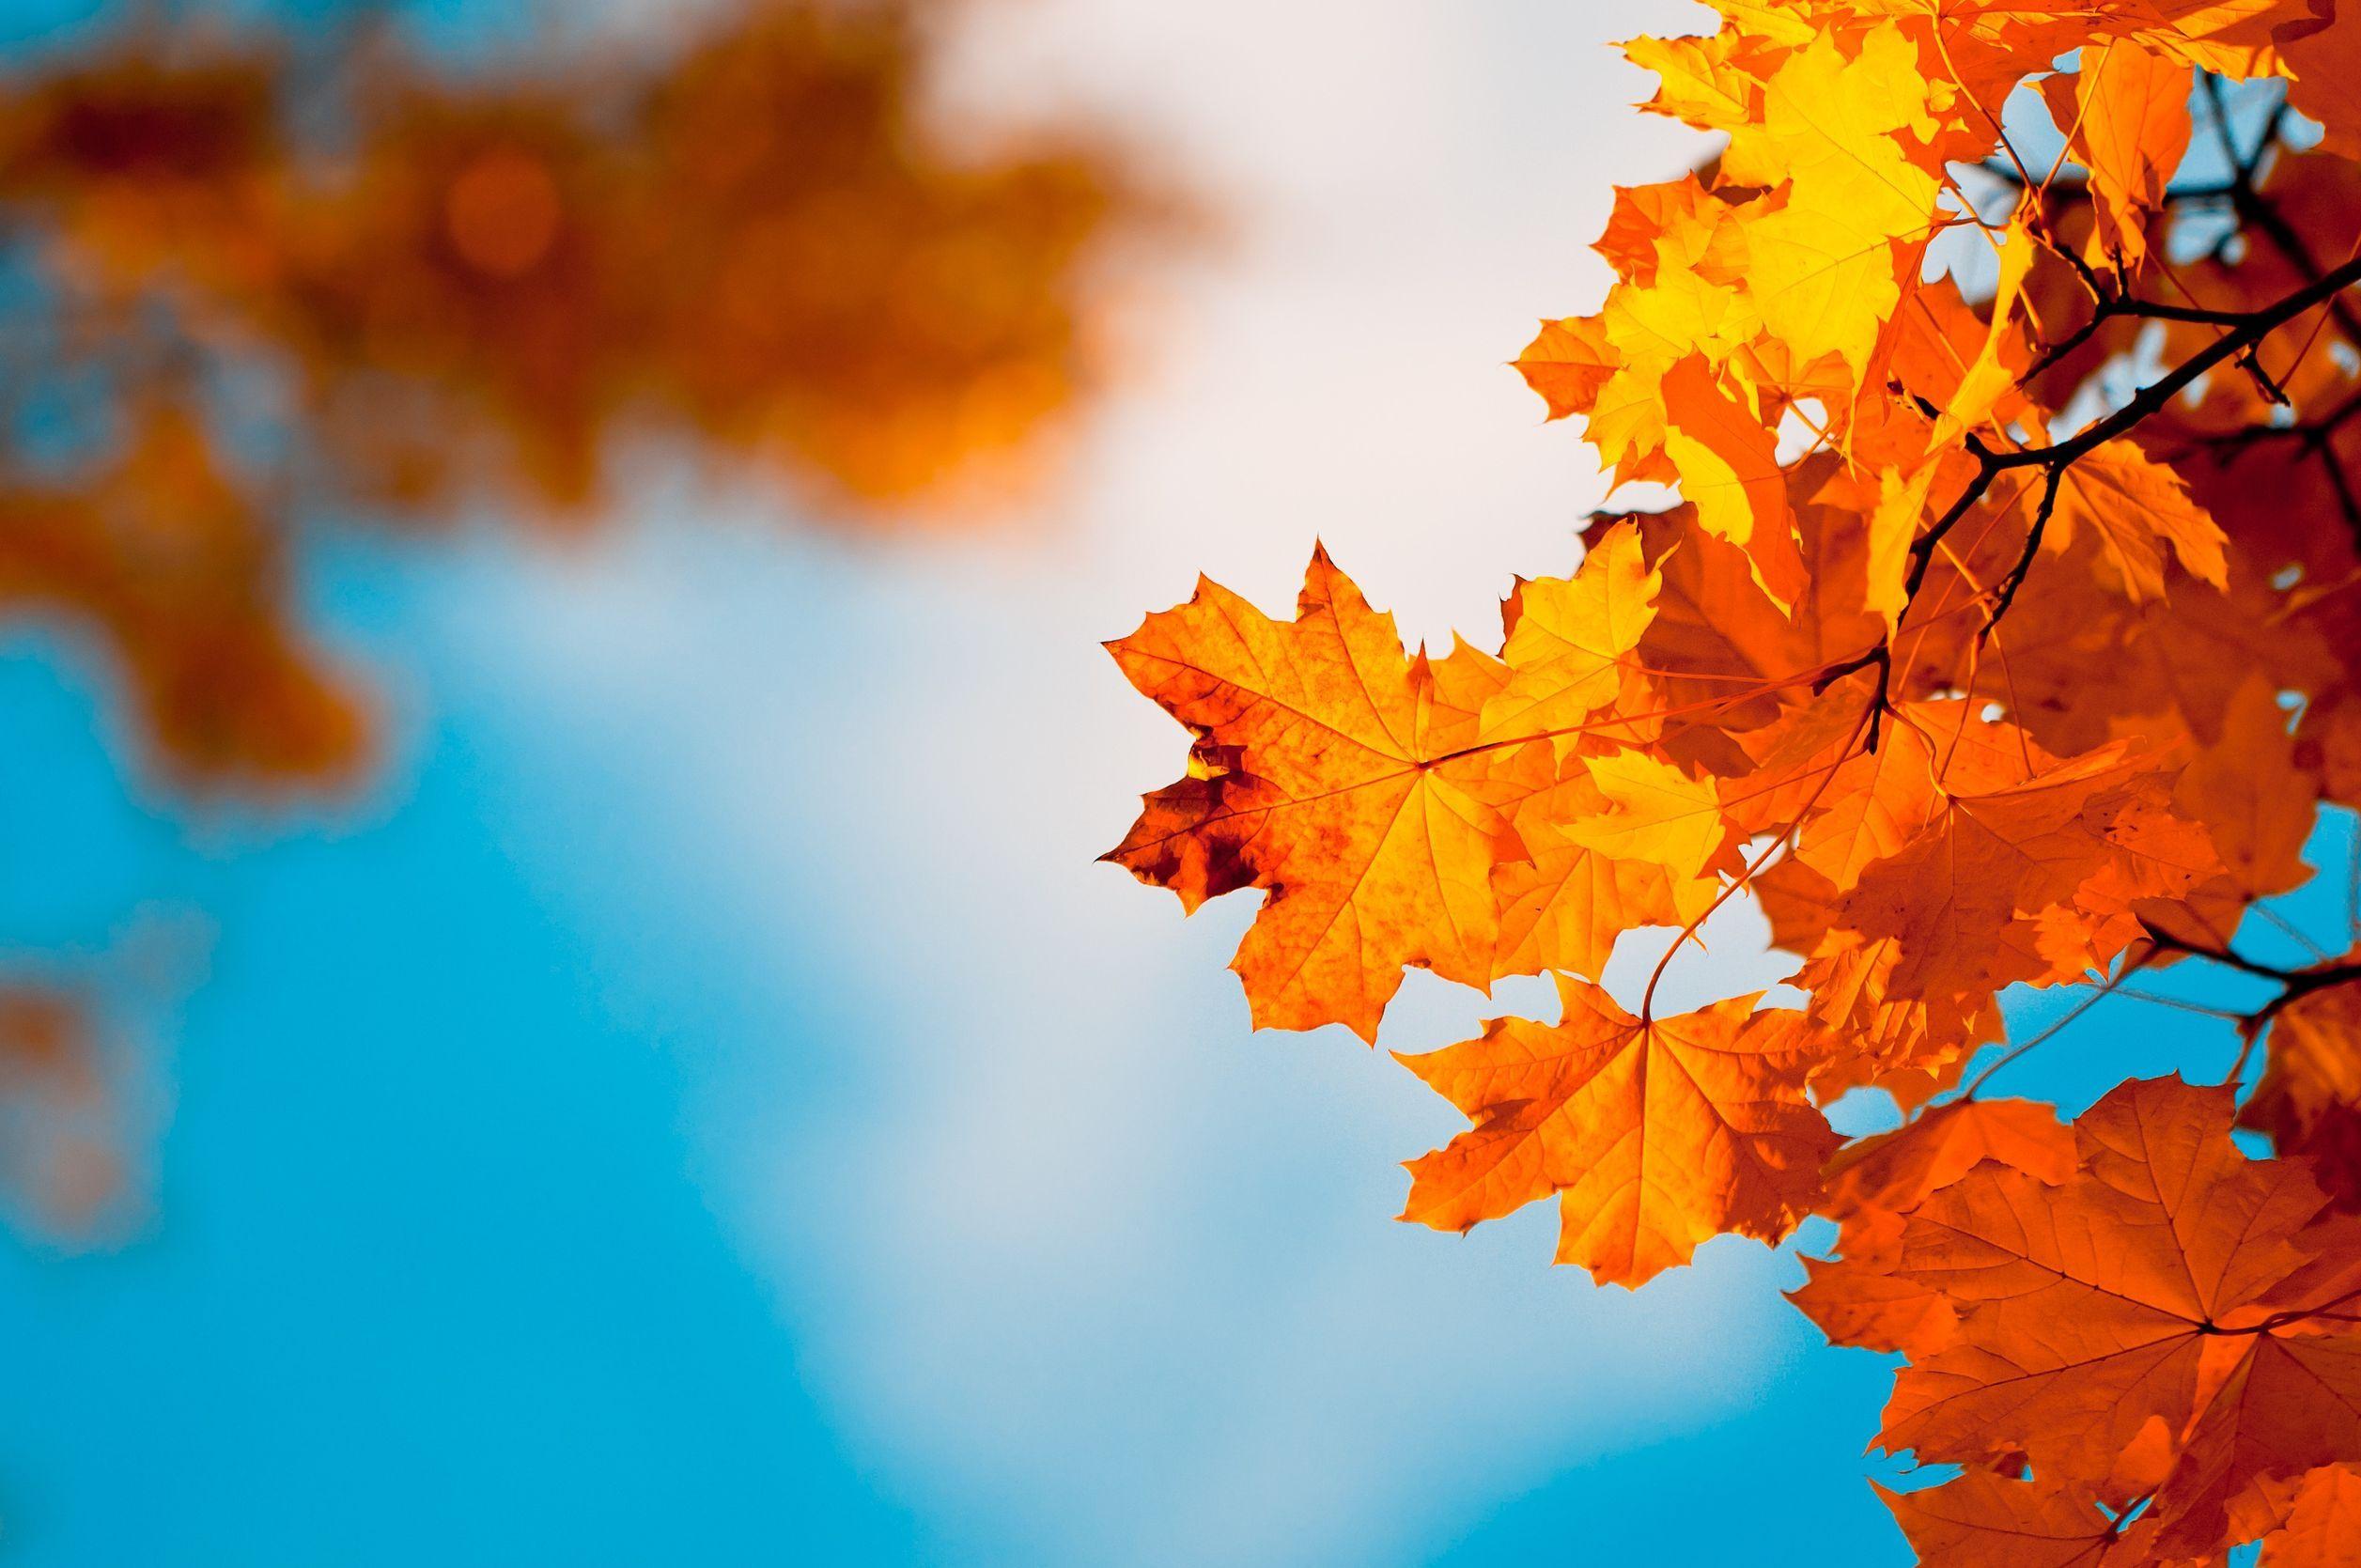 #autumn #leaves #sky #september #october #november #bye # ...